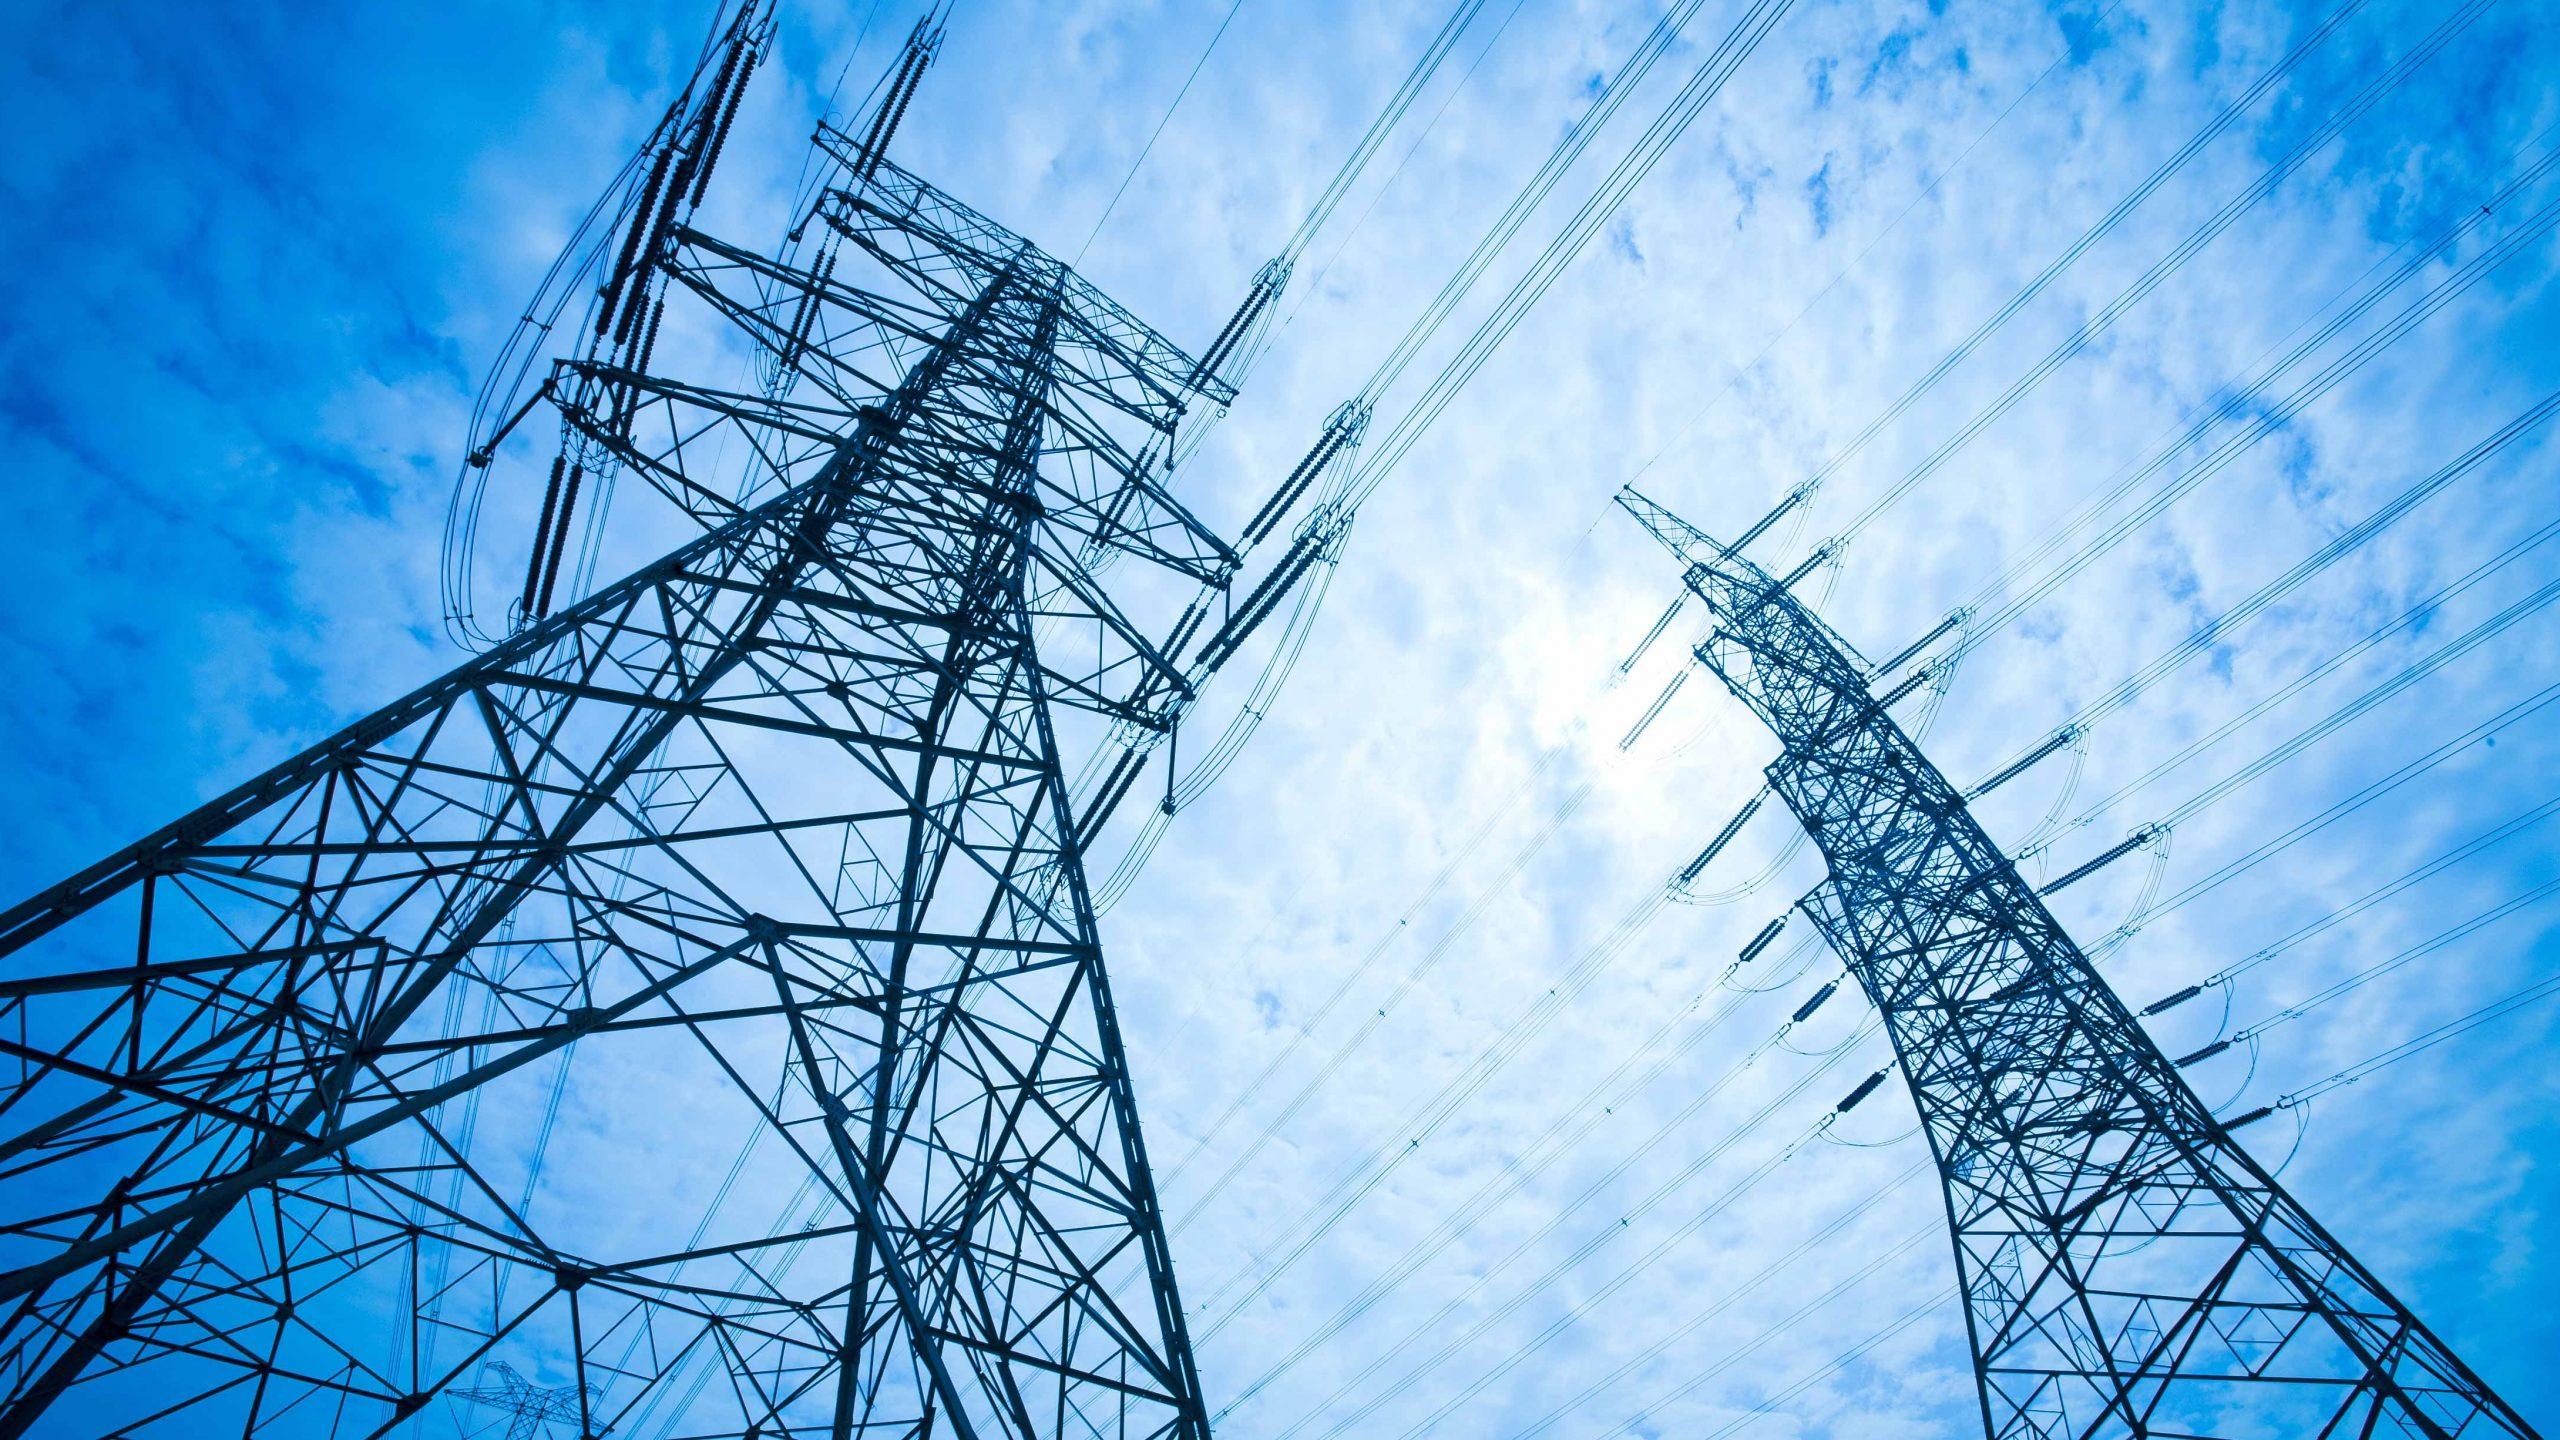 Украина запретила закупку электроэнергии из России и Белоруссии